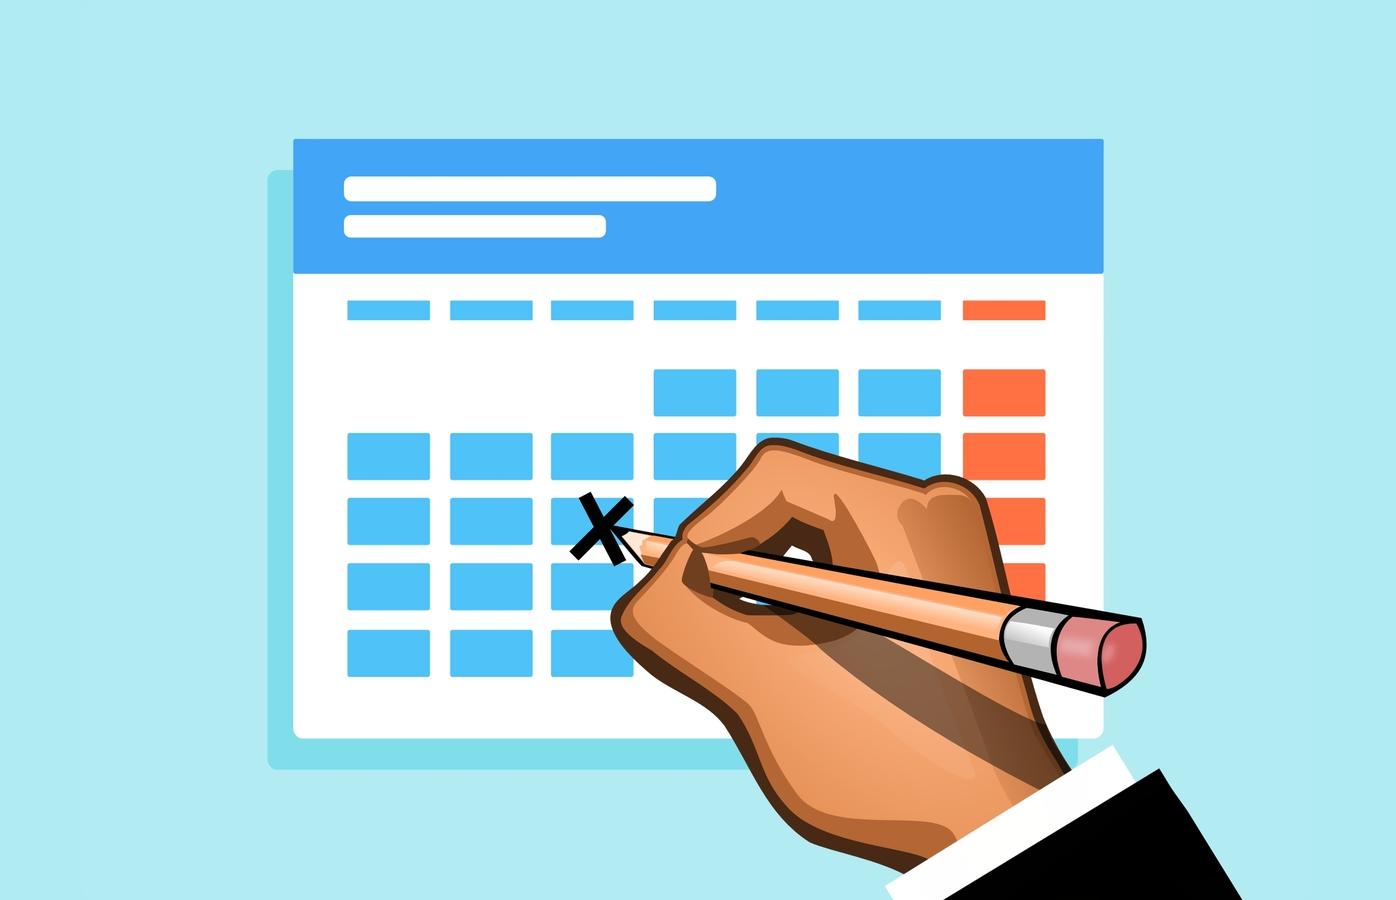 Conozca las fechas clave del calendario escolar 2021/22. calendario 2021/22